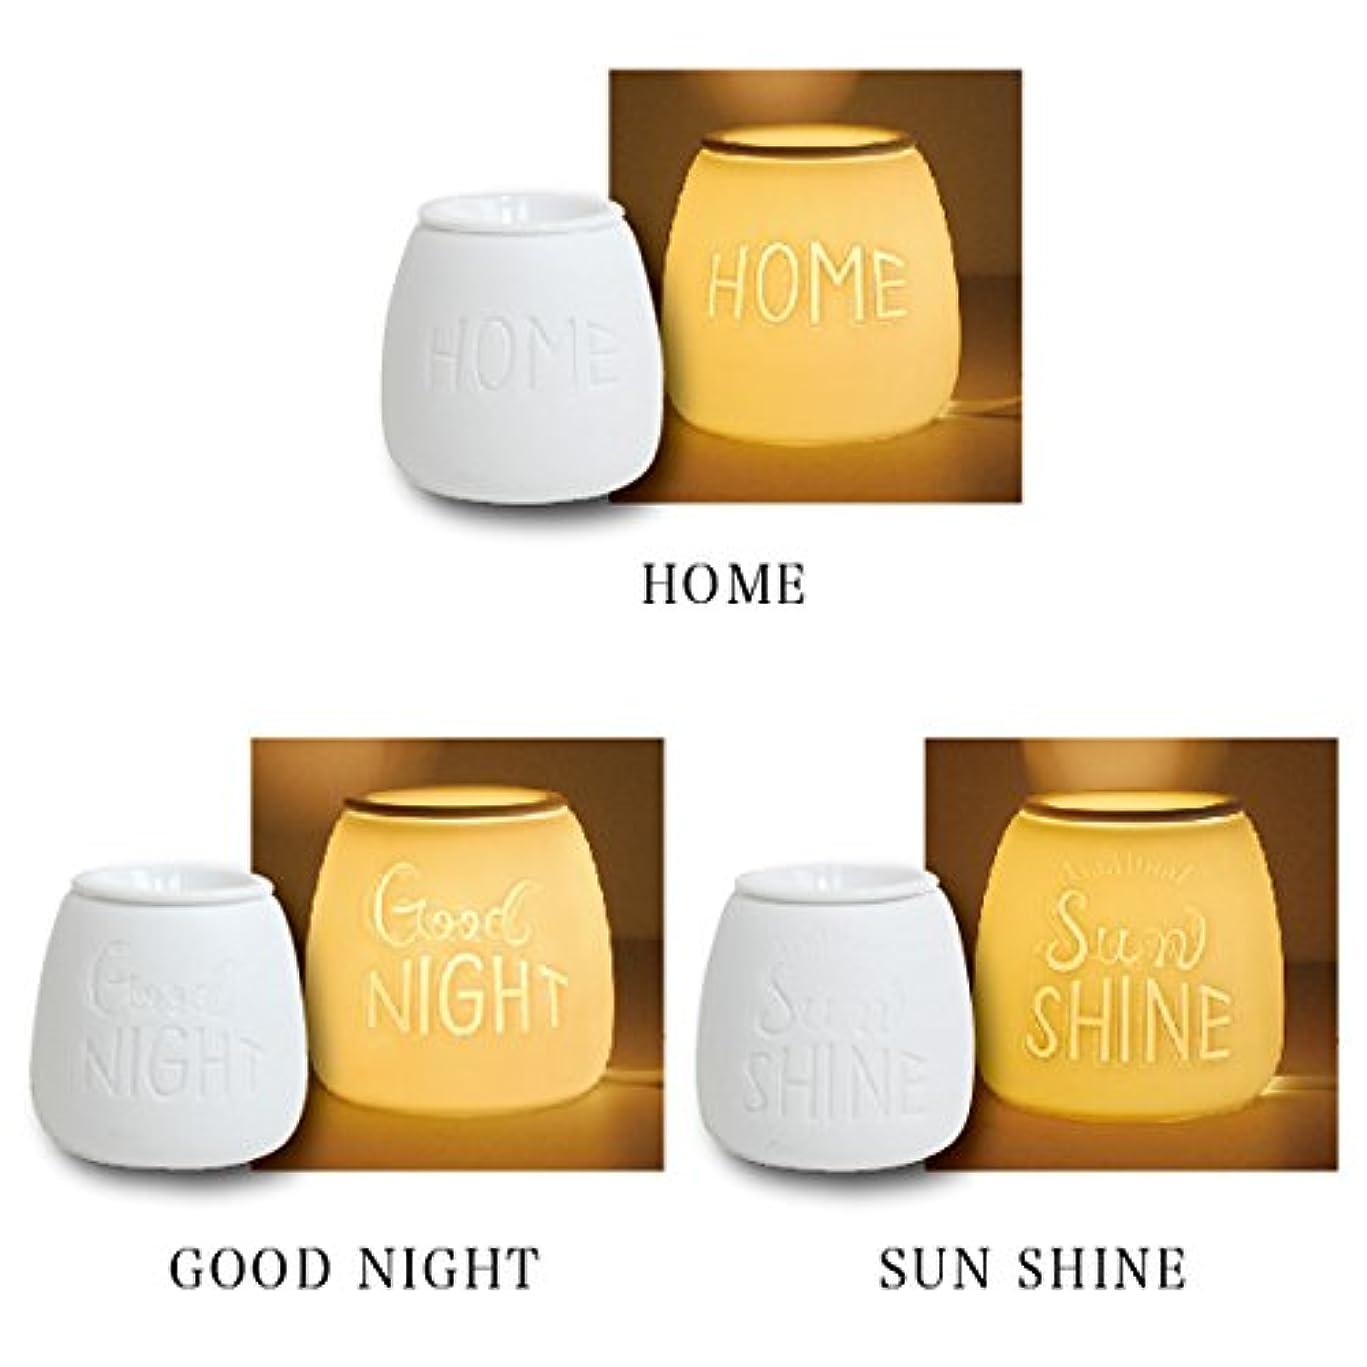 事故順応性のある関連するレタリング アロマライト コード式 アロマランプ タイマー 調光 機能付 (SUN SHINE)